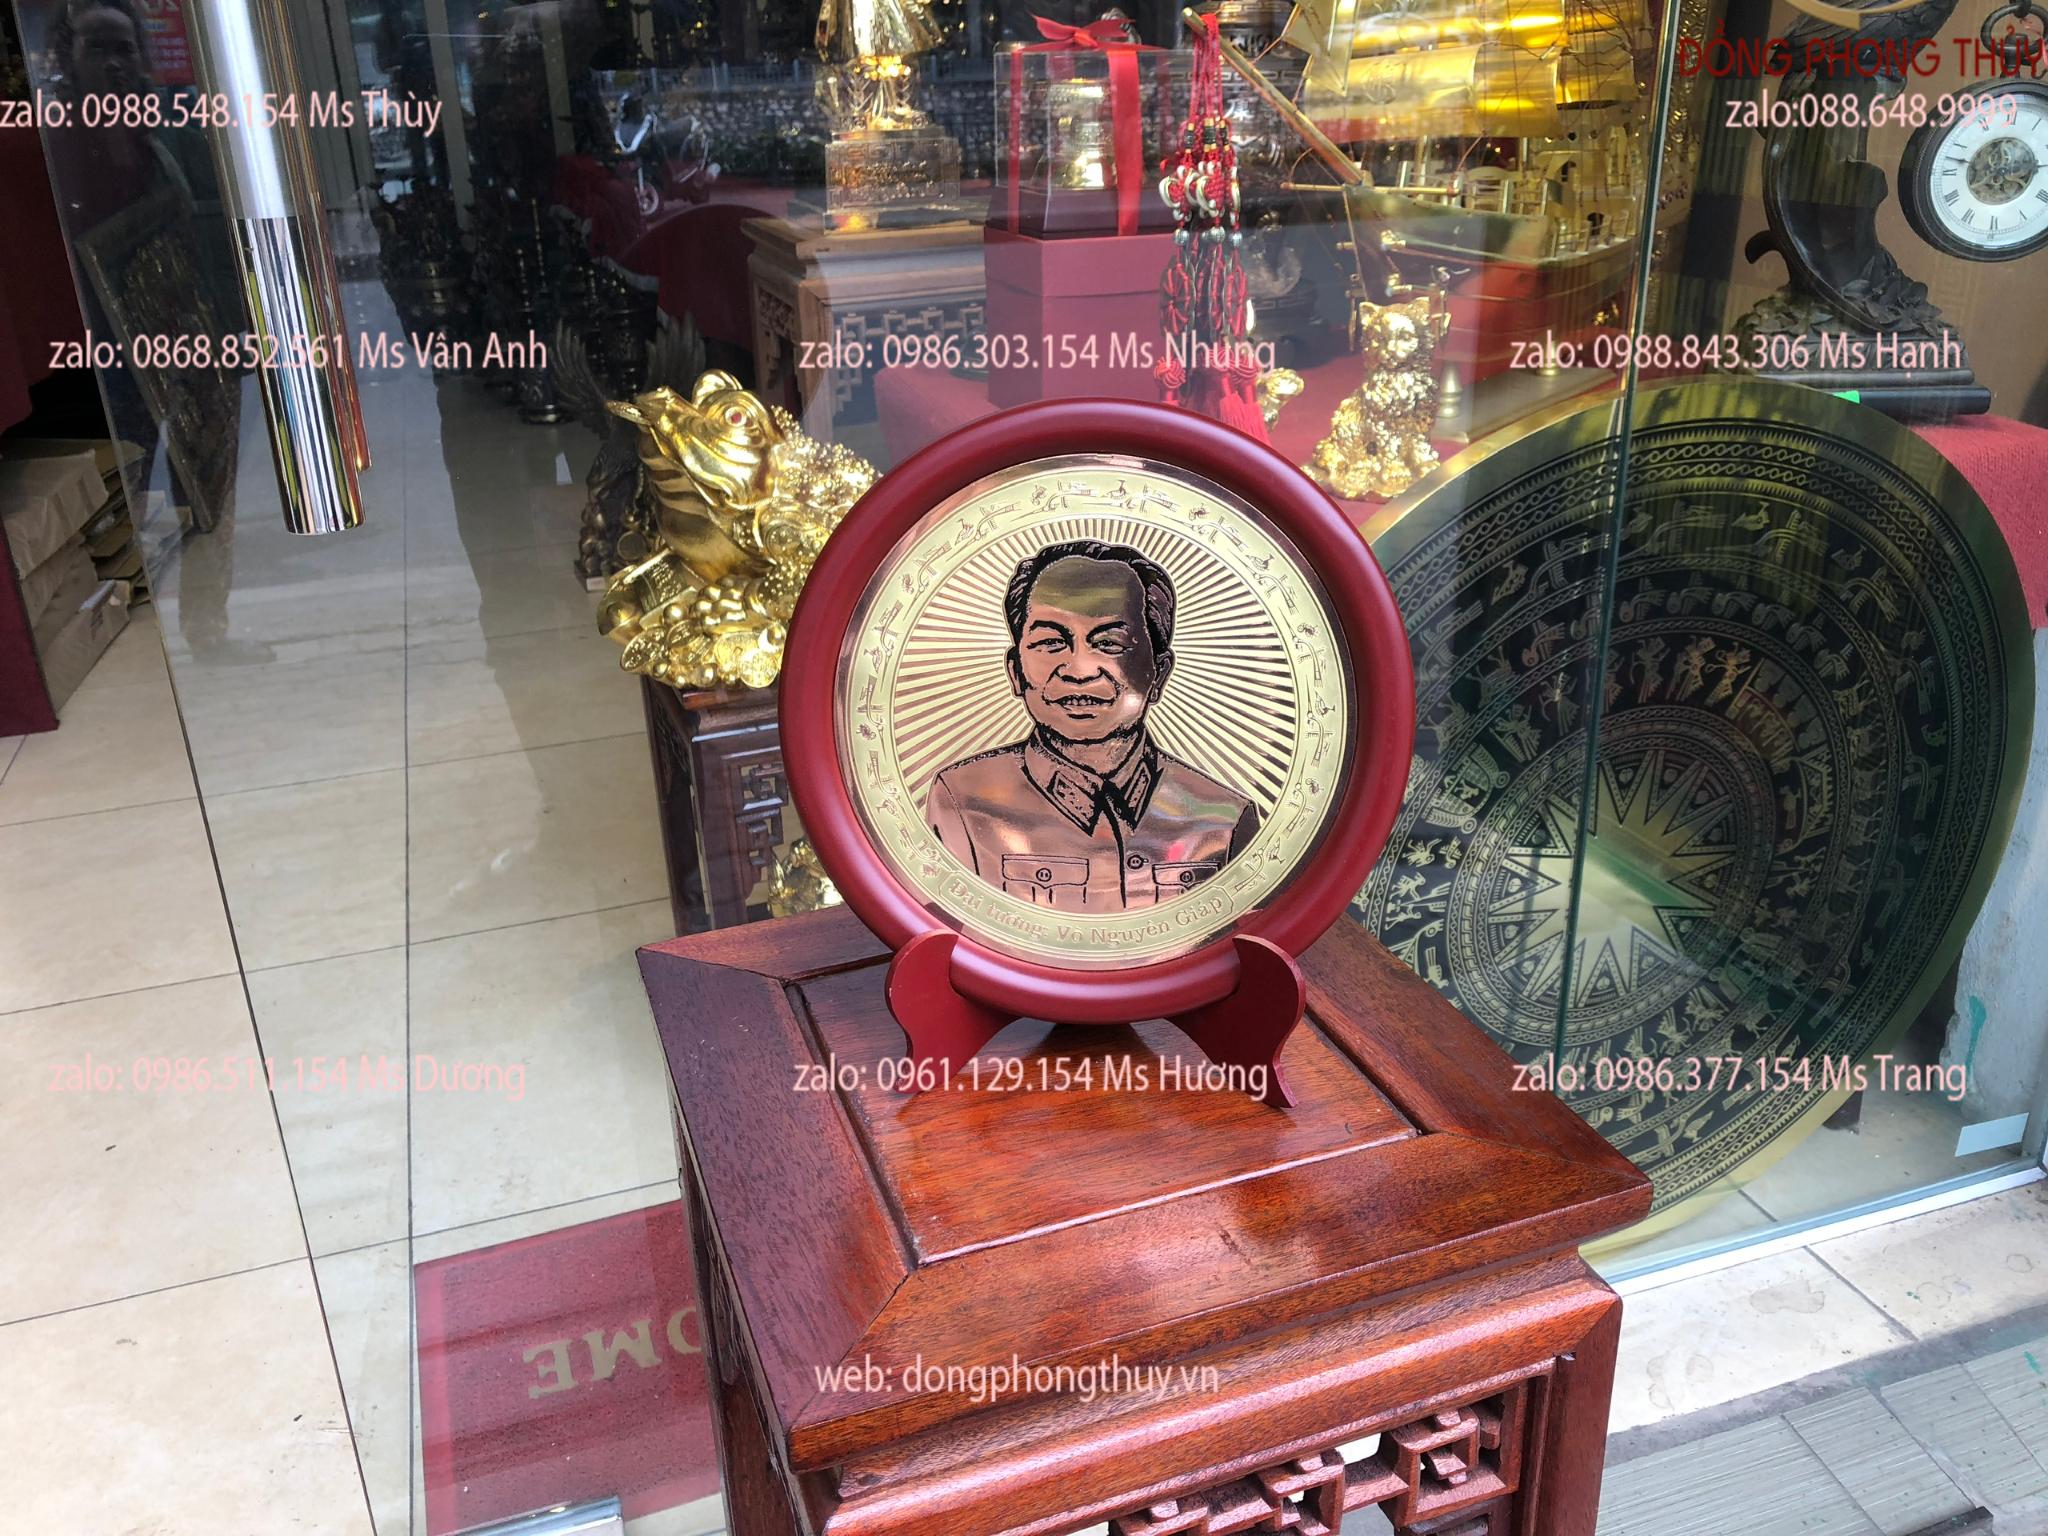 Quà tặng sếp: Tranh đĩa bằng đồng đỏ ảnh Bác Giáp - Võ Nguyên Giáp